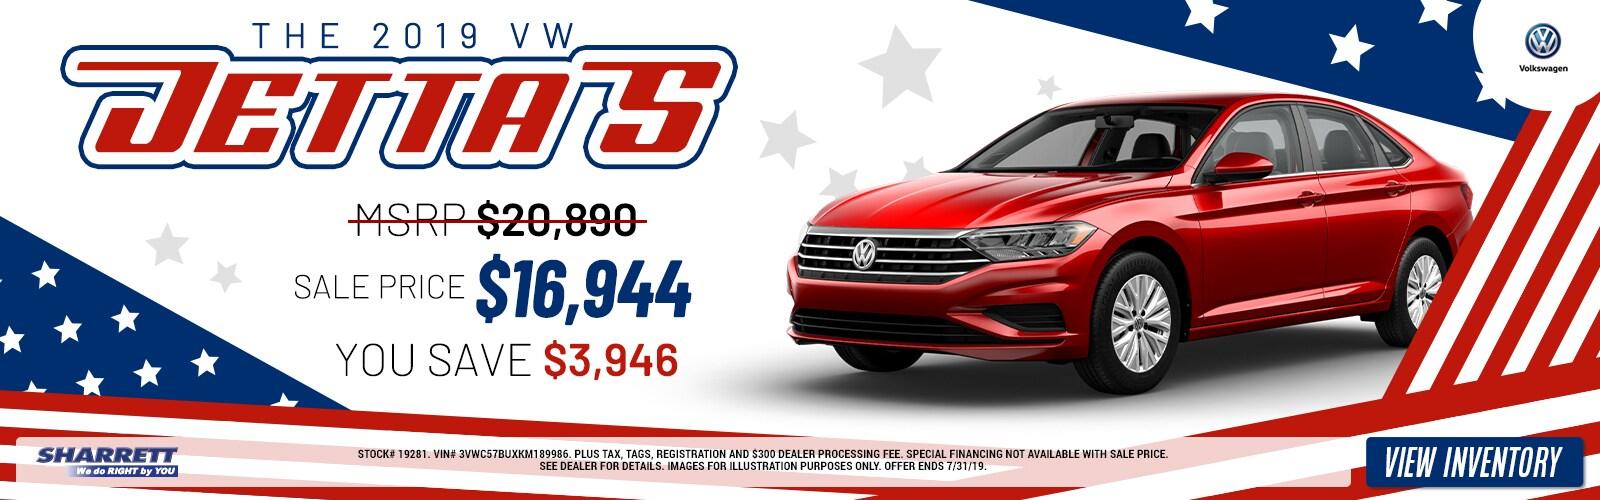 Volkswagen Dealership Baltimore Md Volkswagen Car